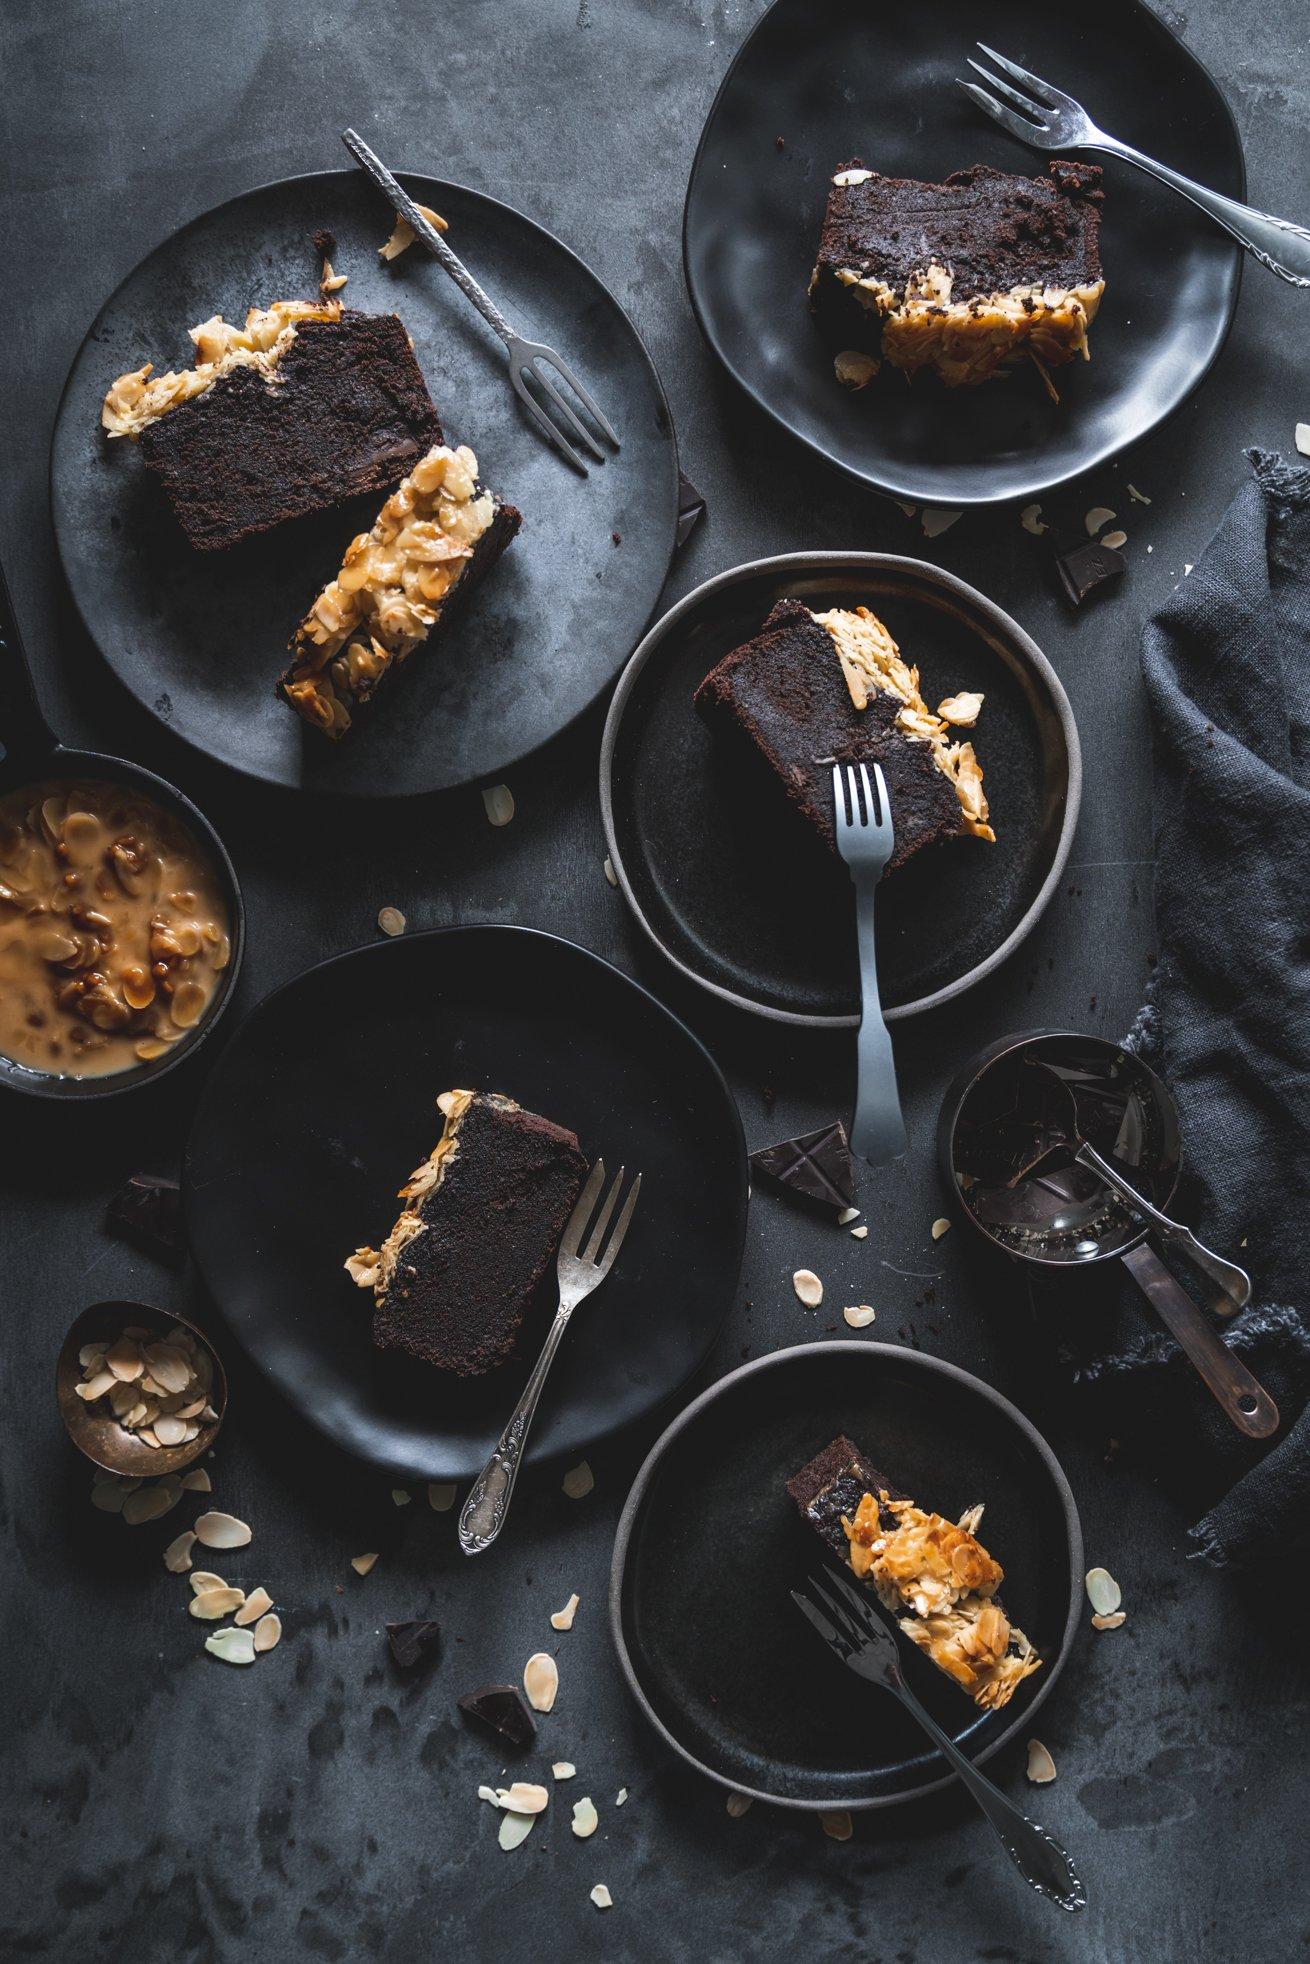 Saftigster Schokokuchen mit Florentiner Mandelkruste